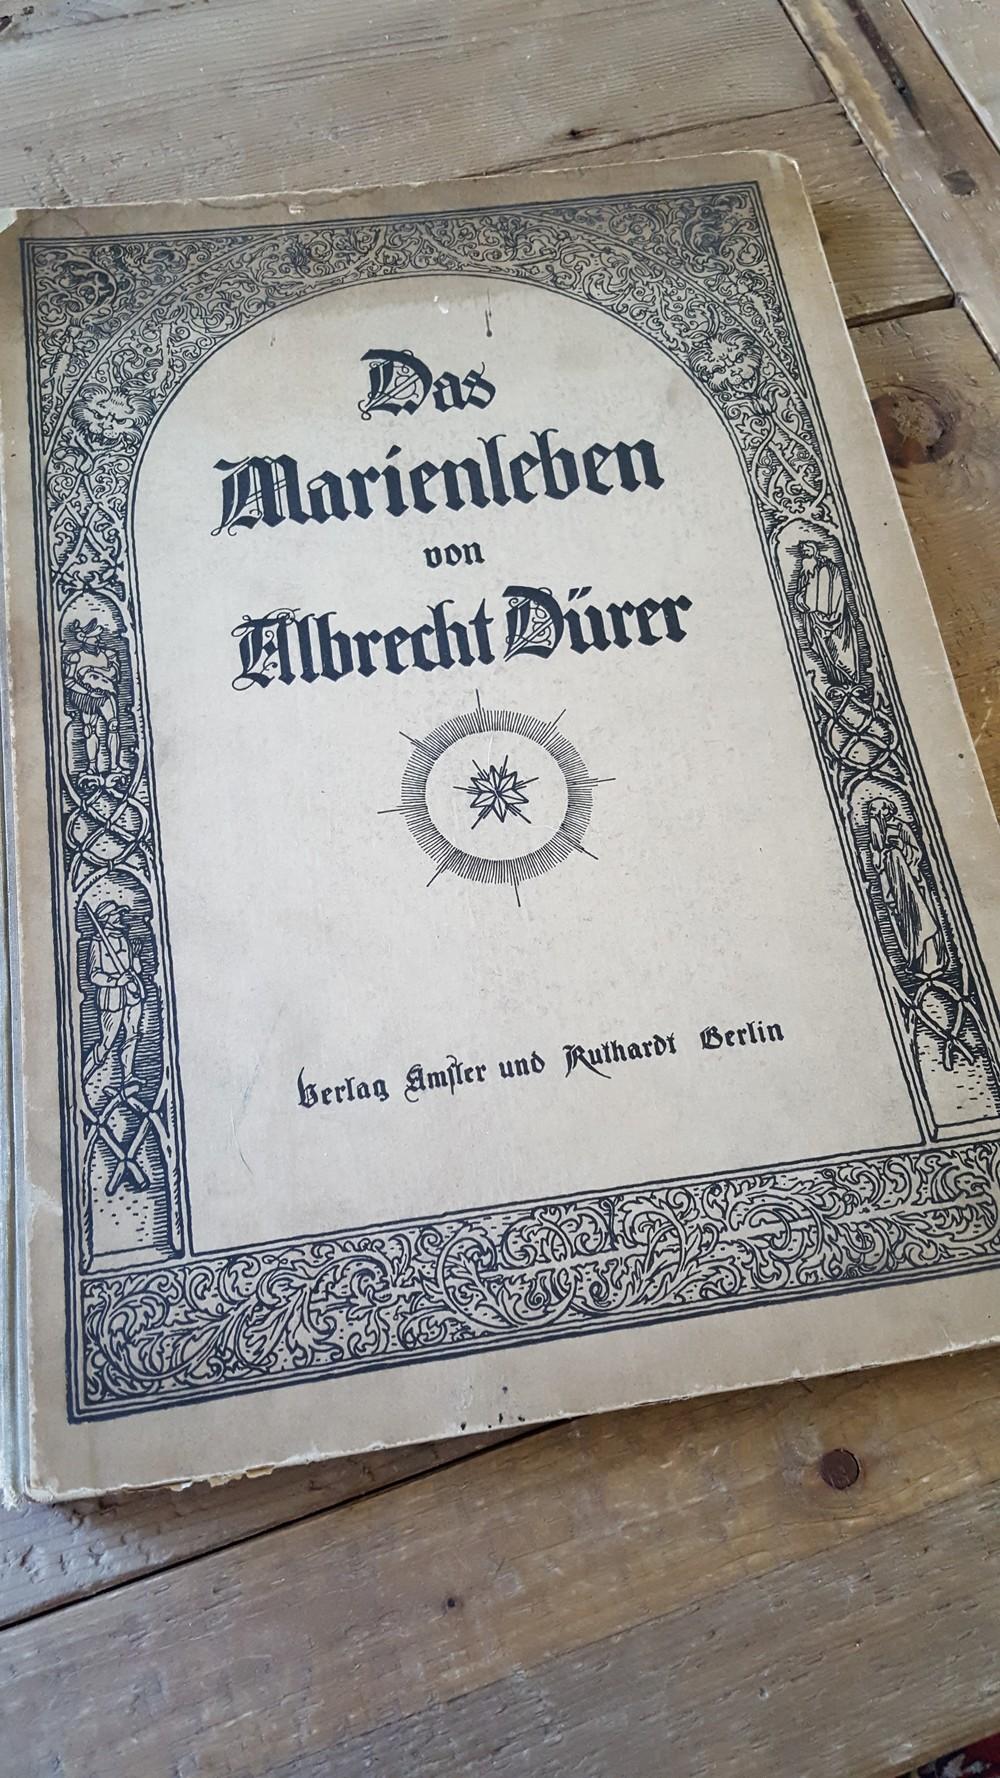 Das_Marienleben_von_Albrecht_Durer.jpg